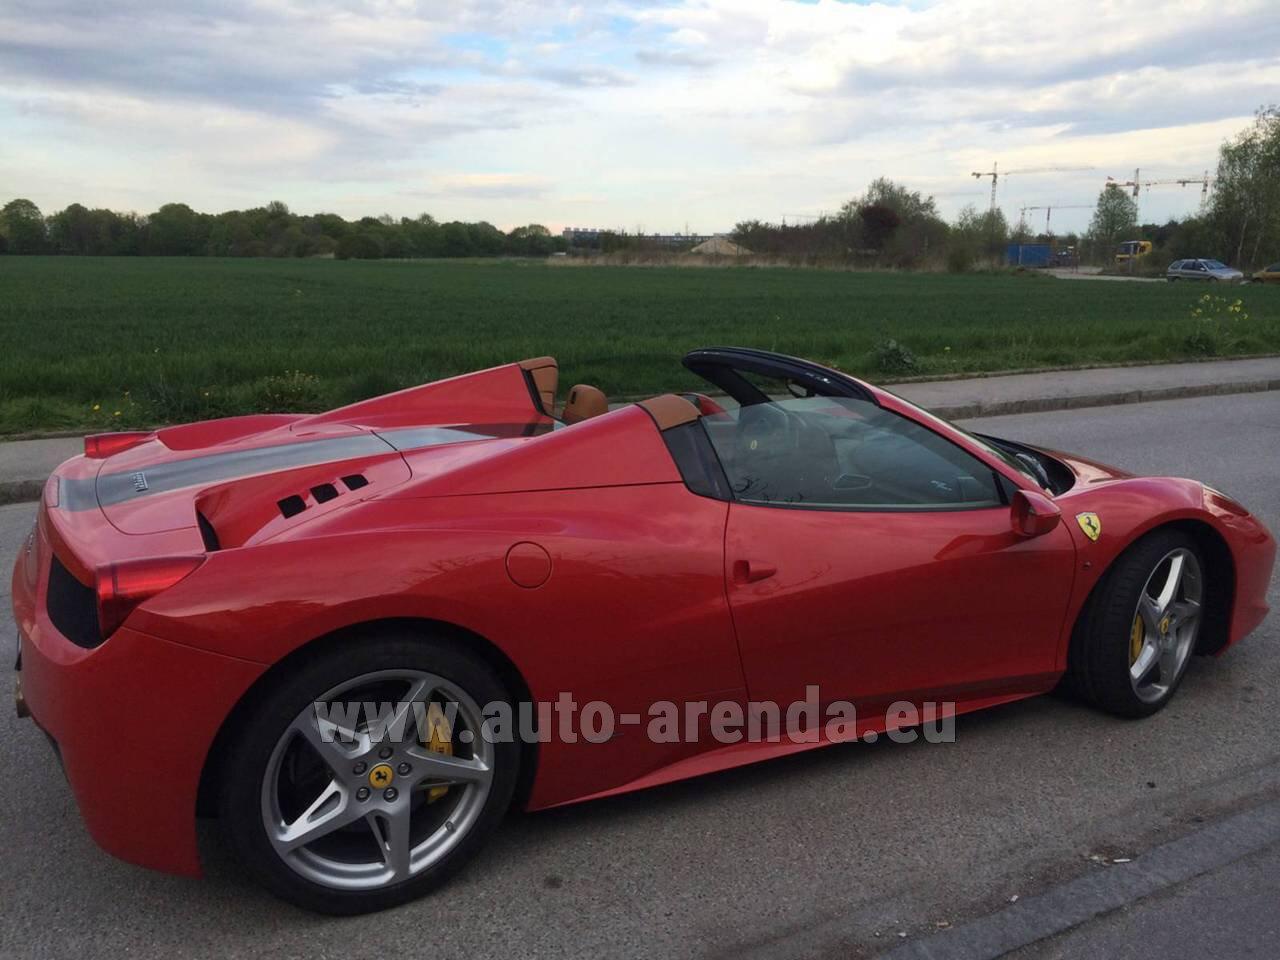 rent the ferrari 458 italia spider cabrio car in italy. Black Bedroom Furniture Sets. Home Design Ideas